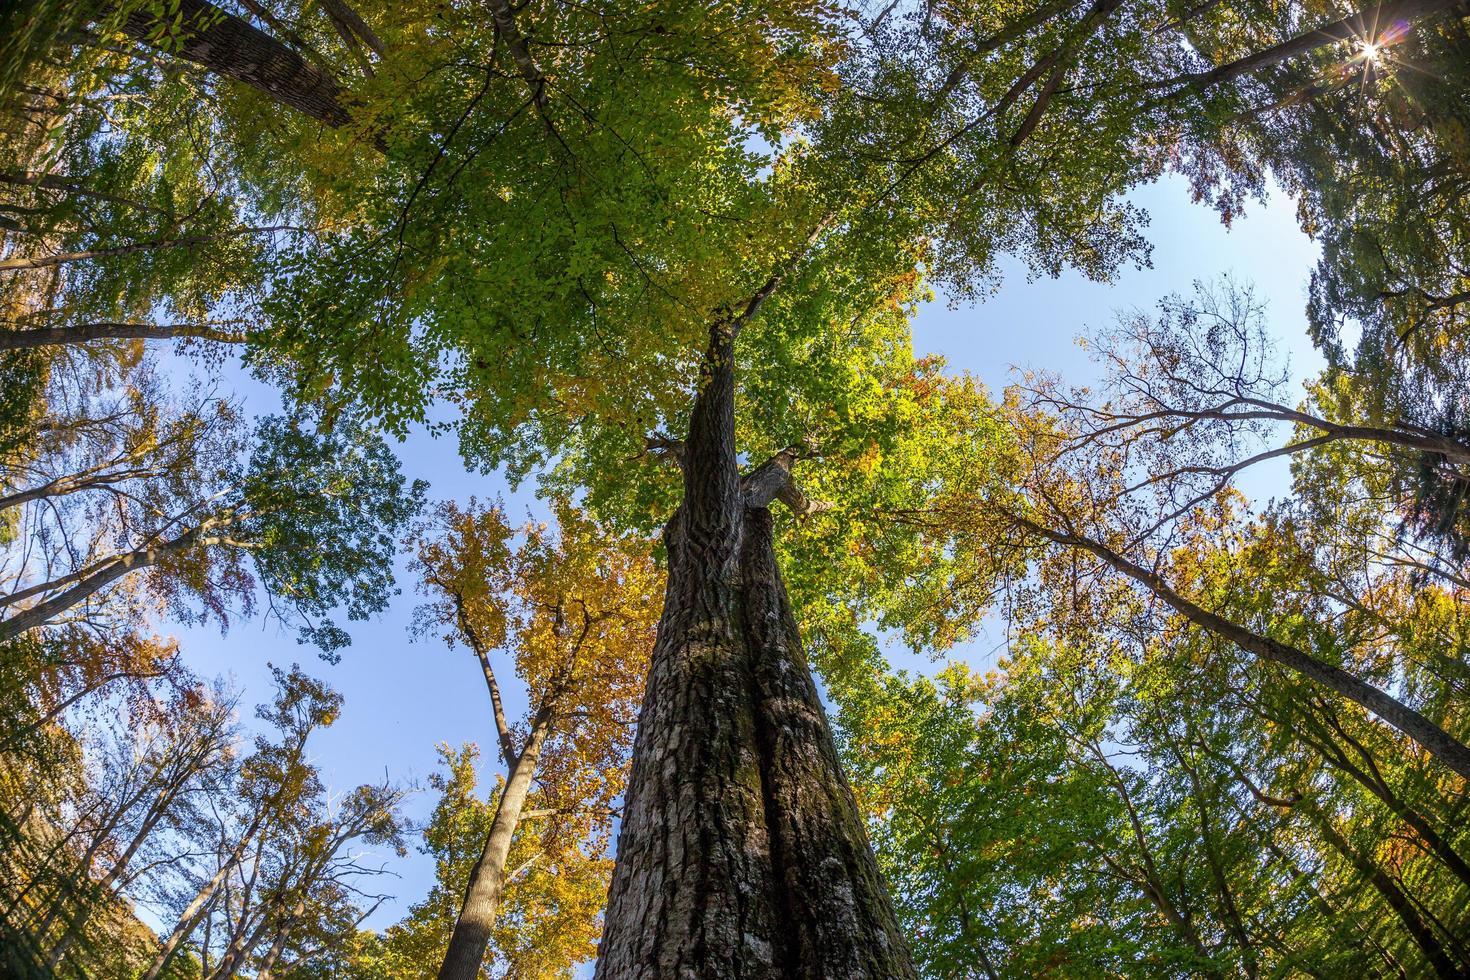 omhoog kijken naar hoge herfstbomen foto